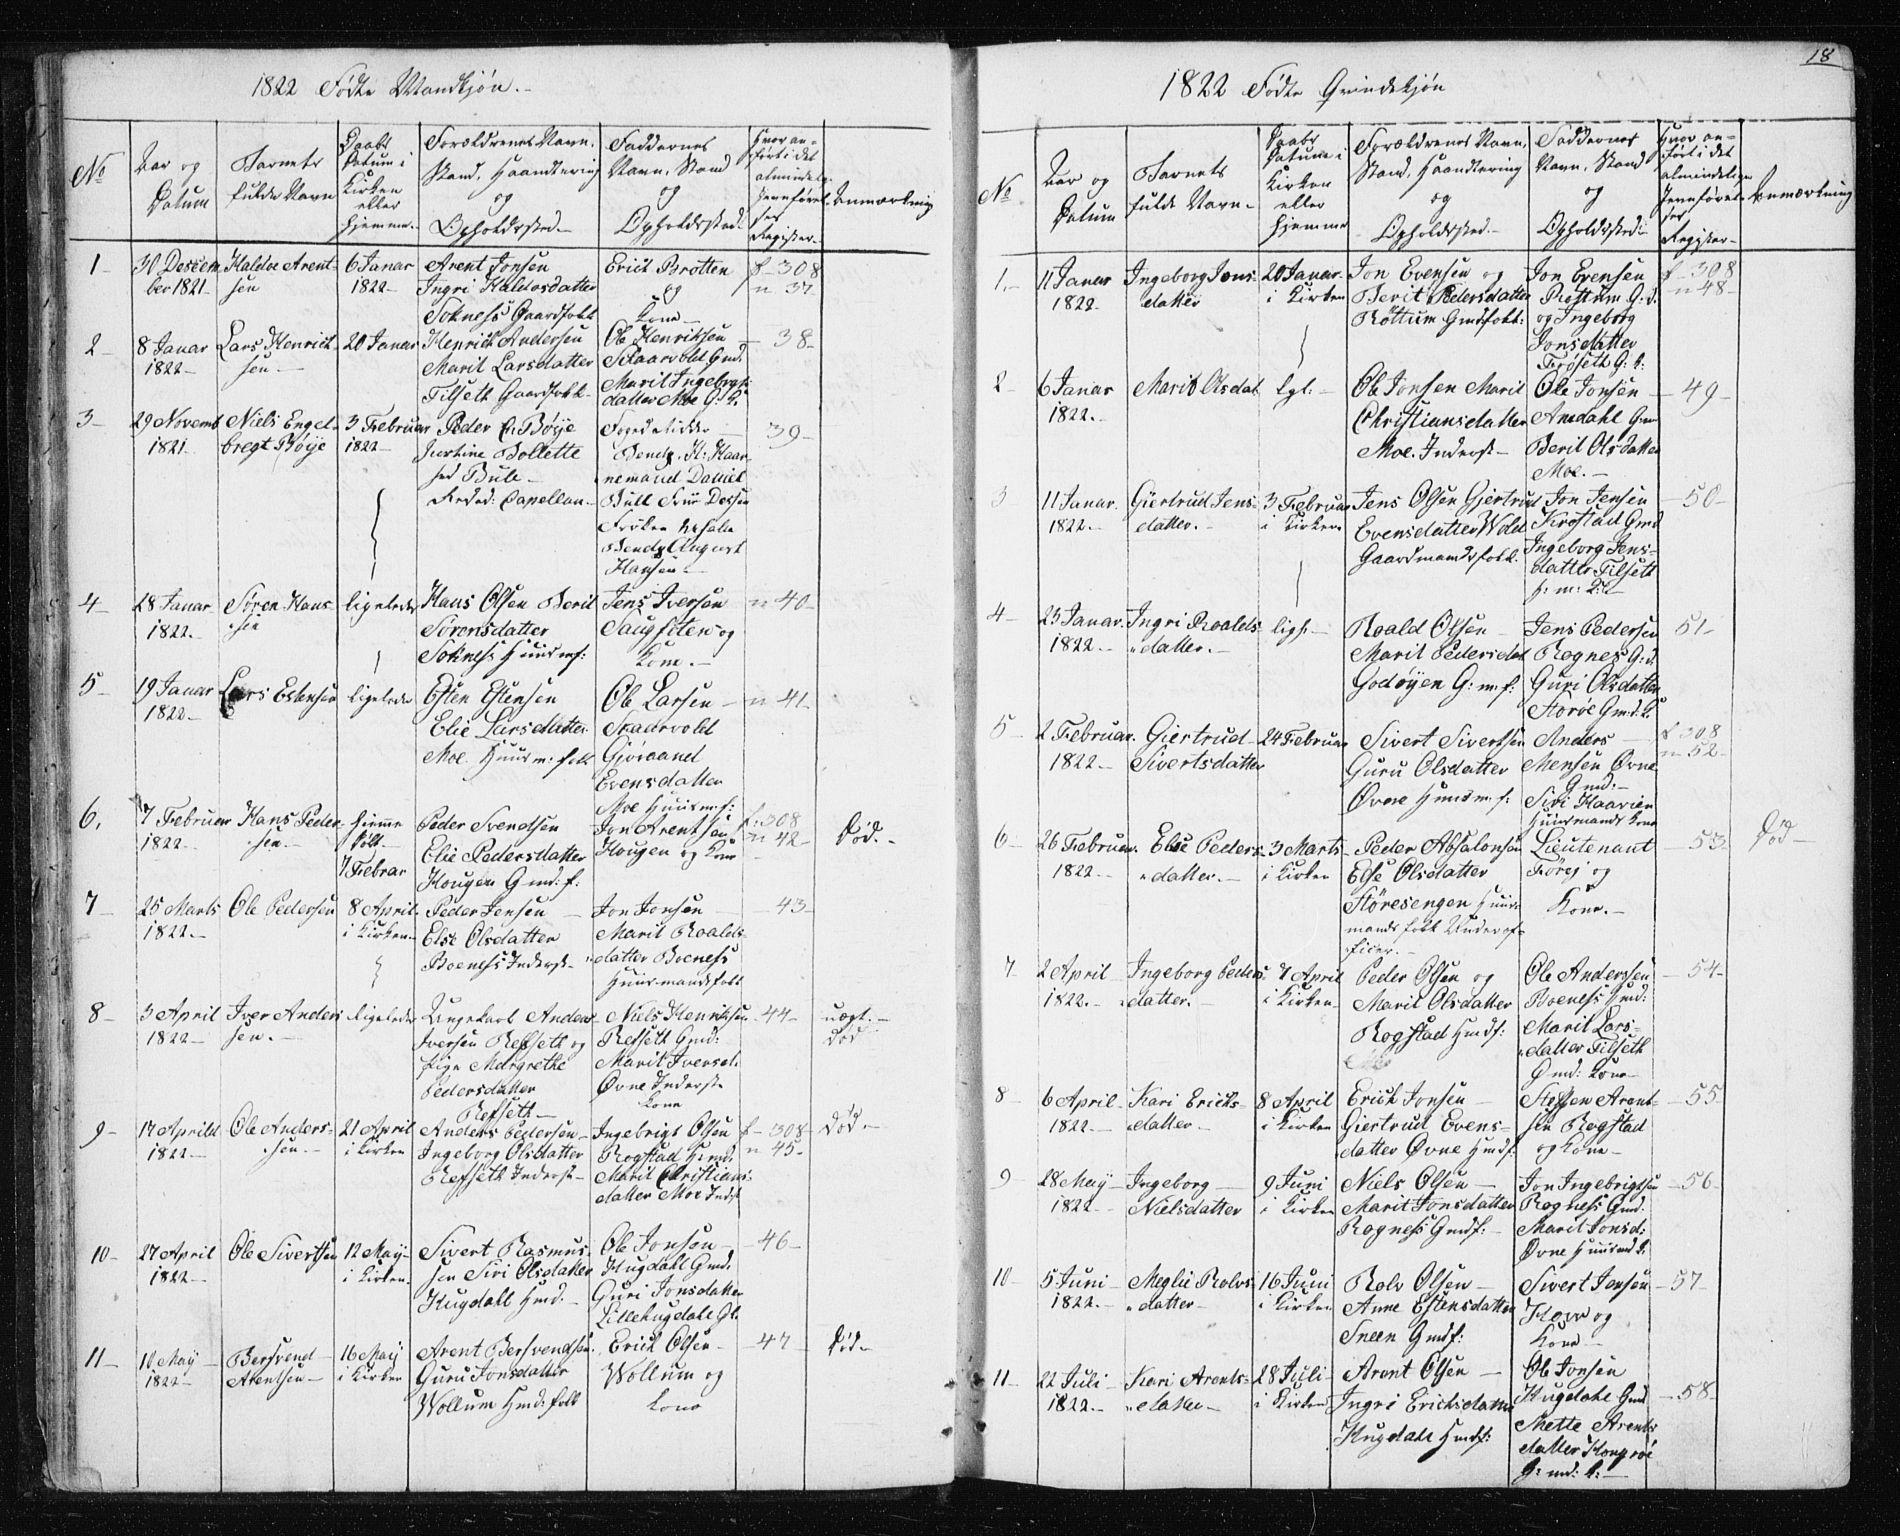 SAT, Ministerialprotokoller, klokkerbøker og fødselsregistre - Sør-Trøndelag, 687/L1017: Klokkerbok nr. 687C01, 1816-1837, s. 18